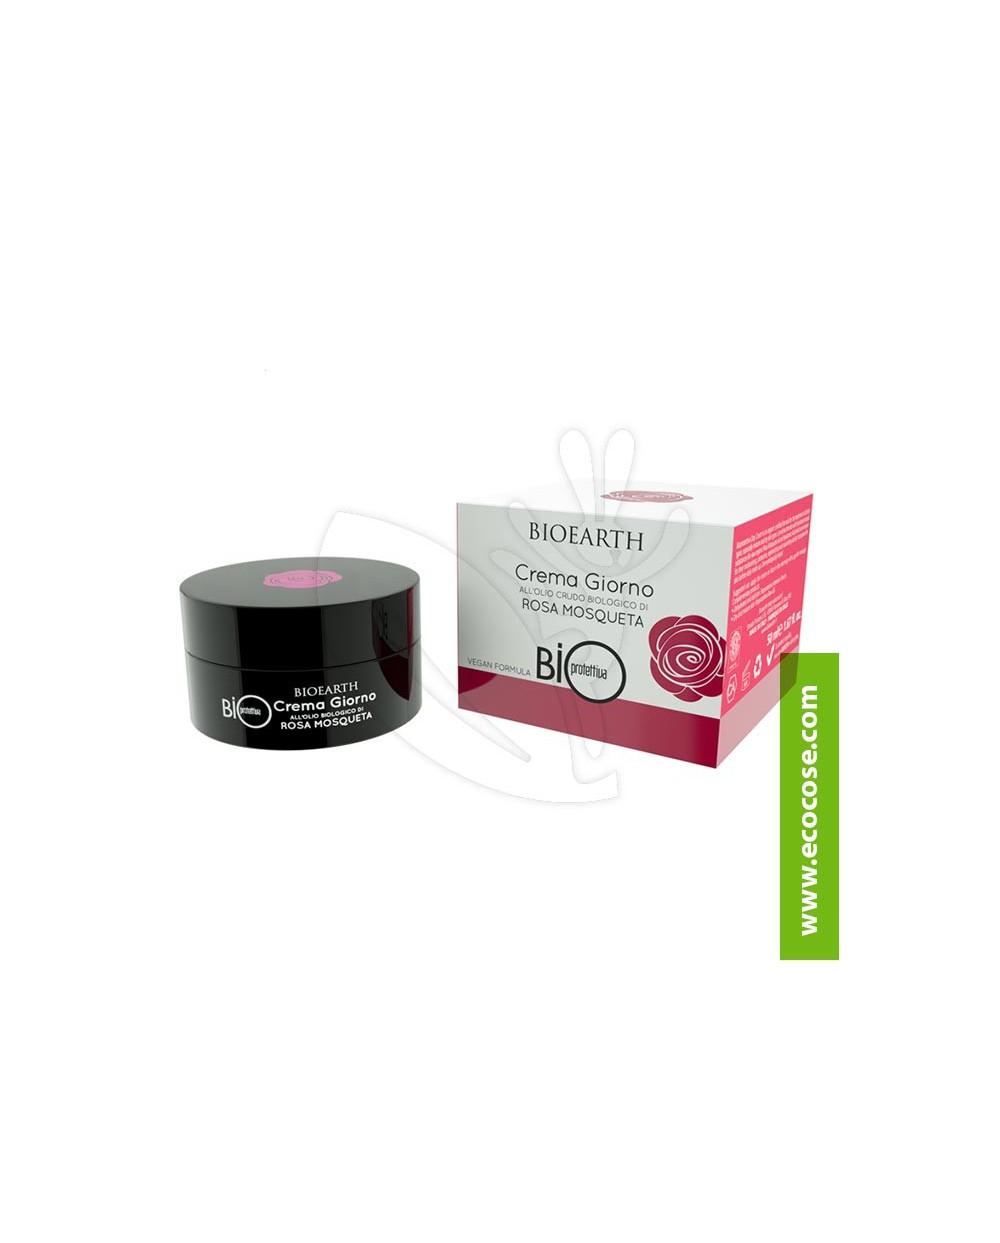 Bioearth - Bioprotettiva - Crema Giorno all'olio crudo di Rosa Mosqueta Bio